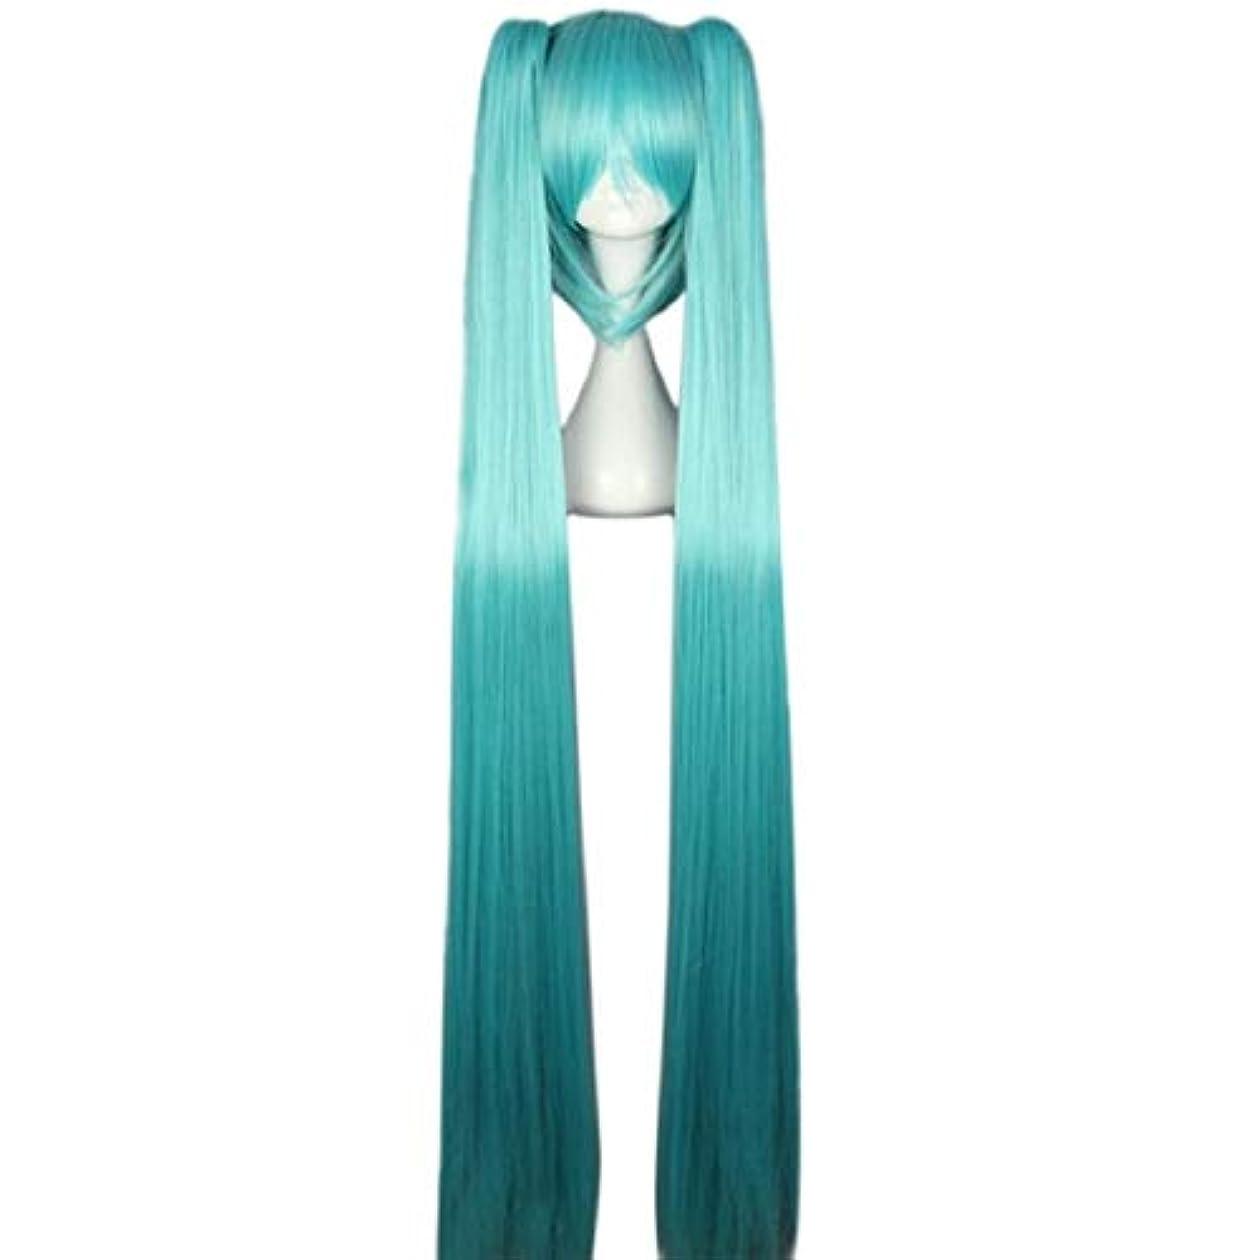 調整するクック主権者Koloeplf 女性ロングストレートブルーフルウィッグ前髪2ポニーテールアニメコスプレ髪用ボーカロイド初音ミクフィギュア (Color : LAKE BLUE)